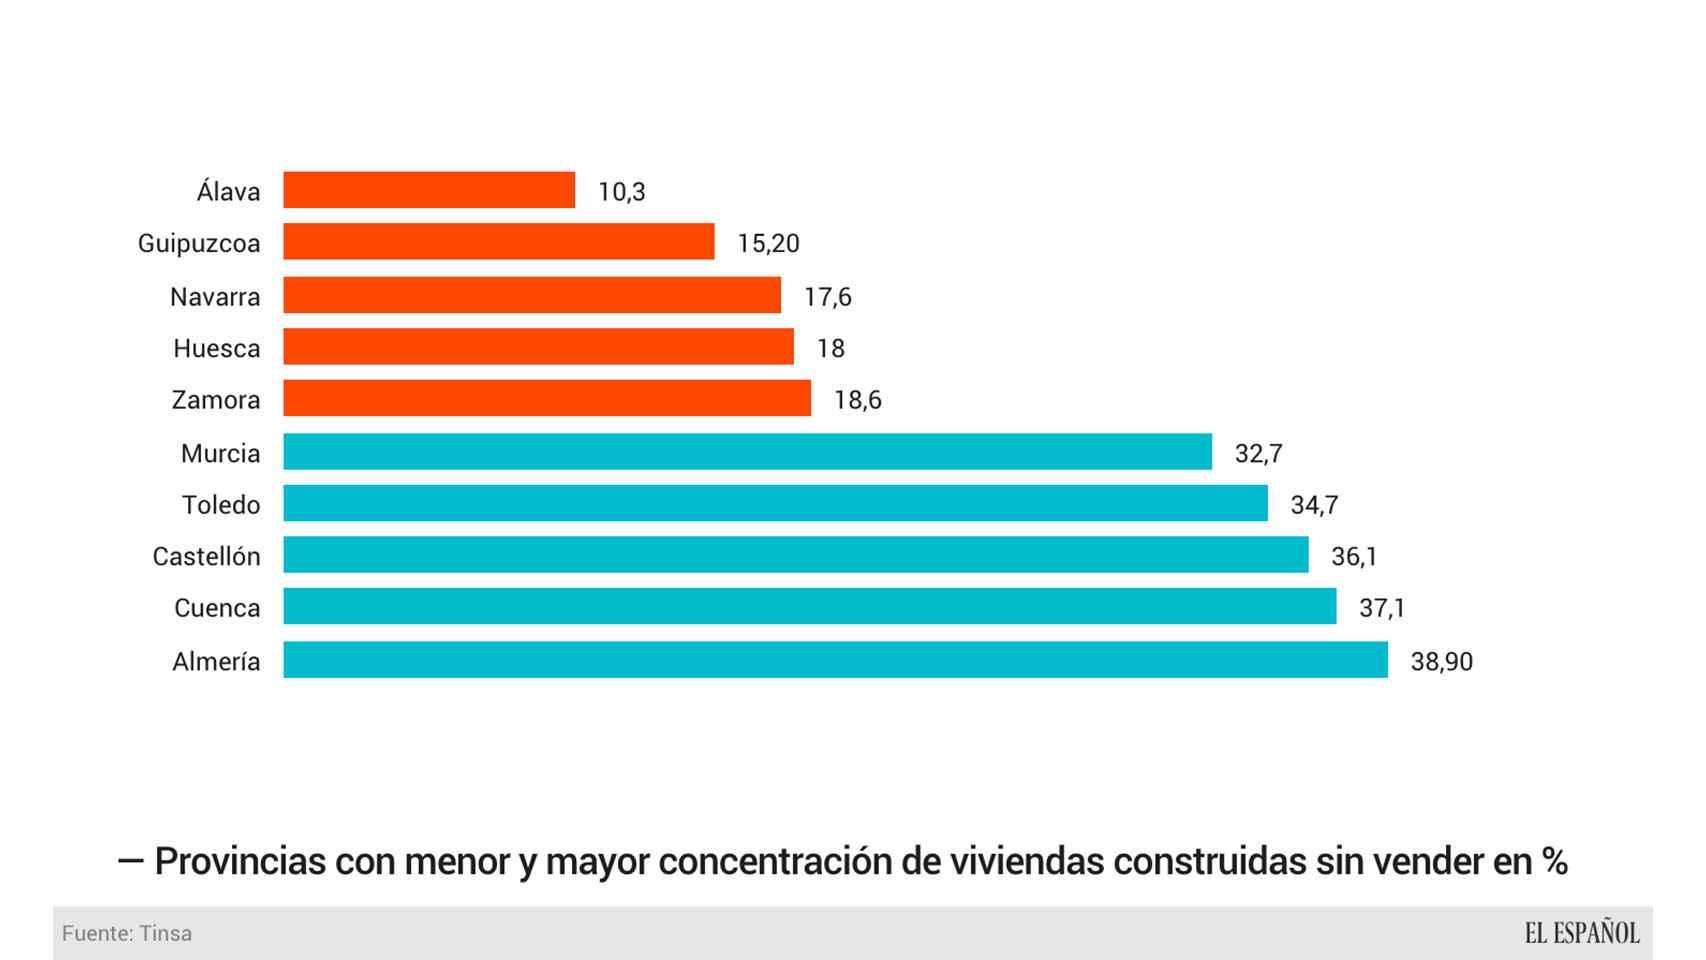 Provincias con mayor y menor concentración relativa de stock